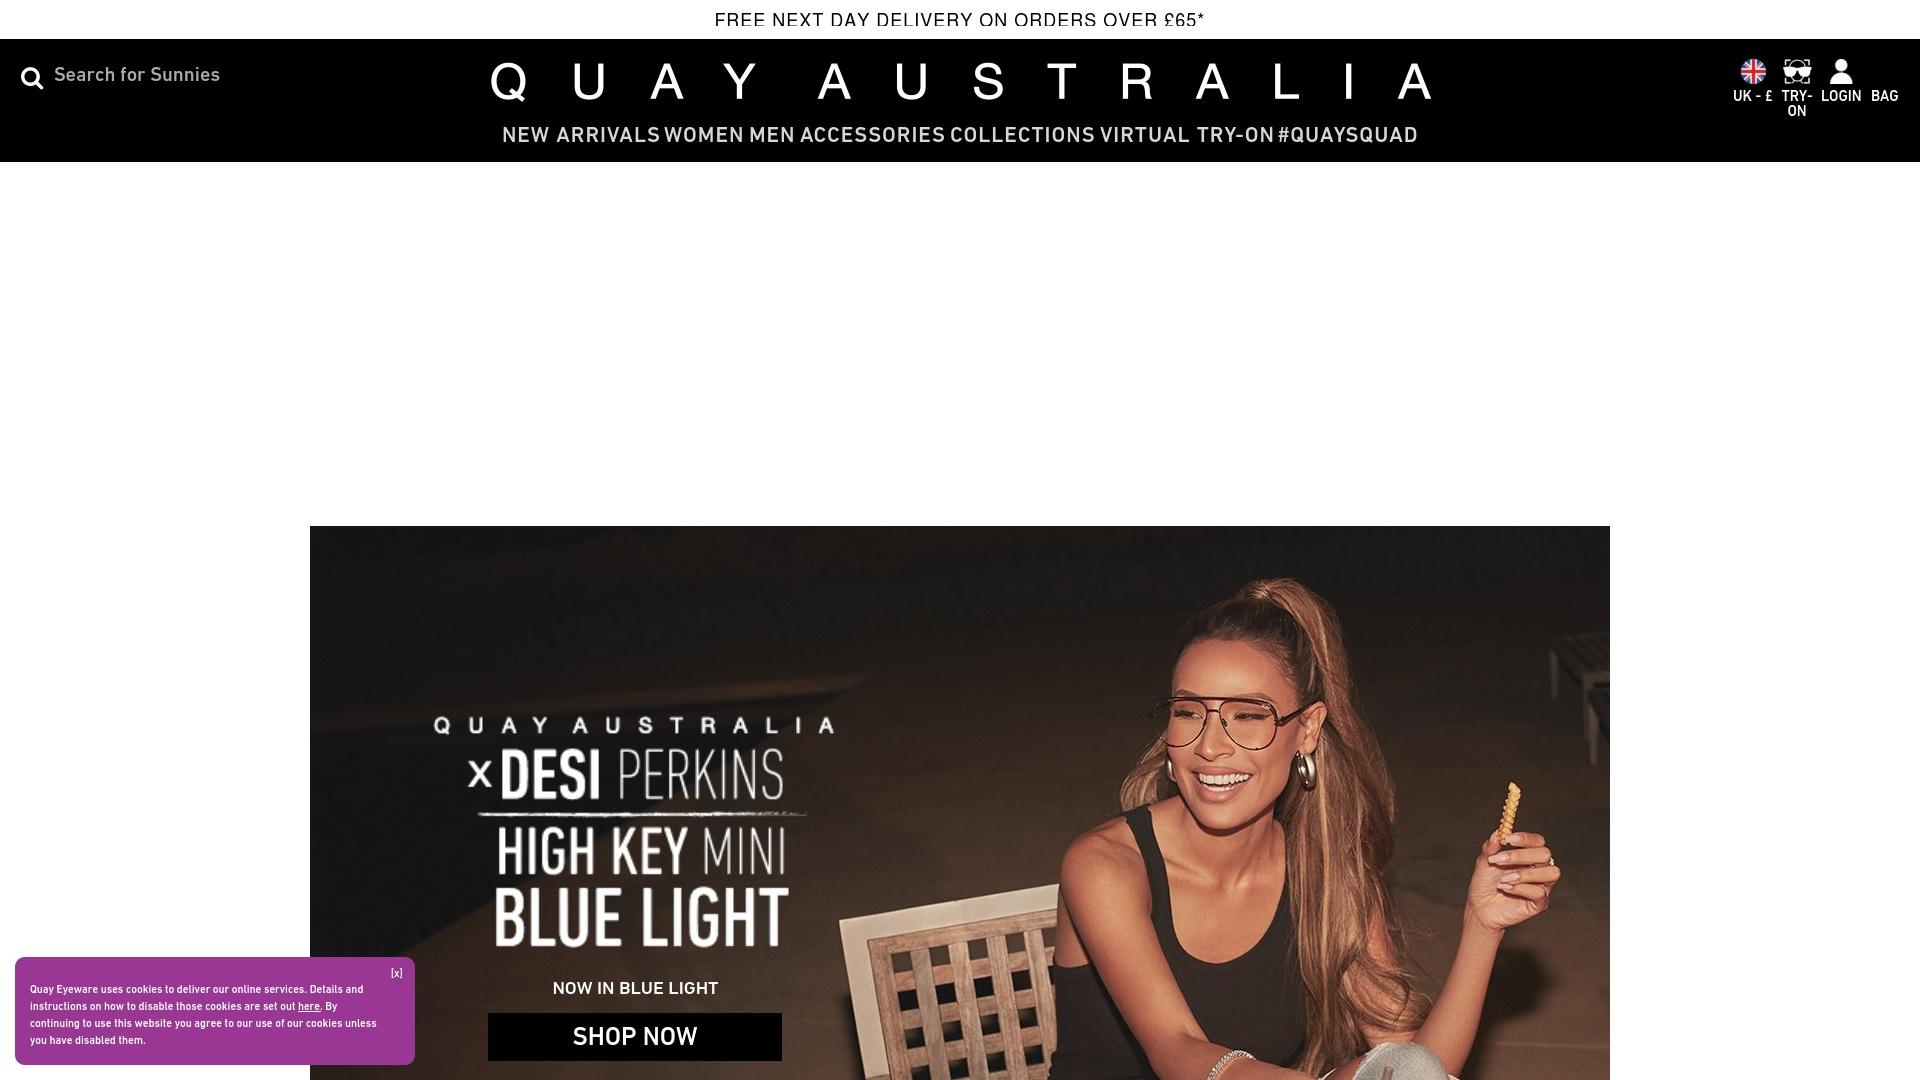 Gutschein für Quayaustralia: Rabatte für  Quayaustralia sichern